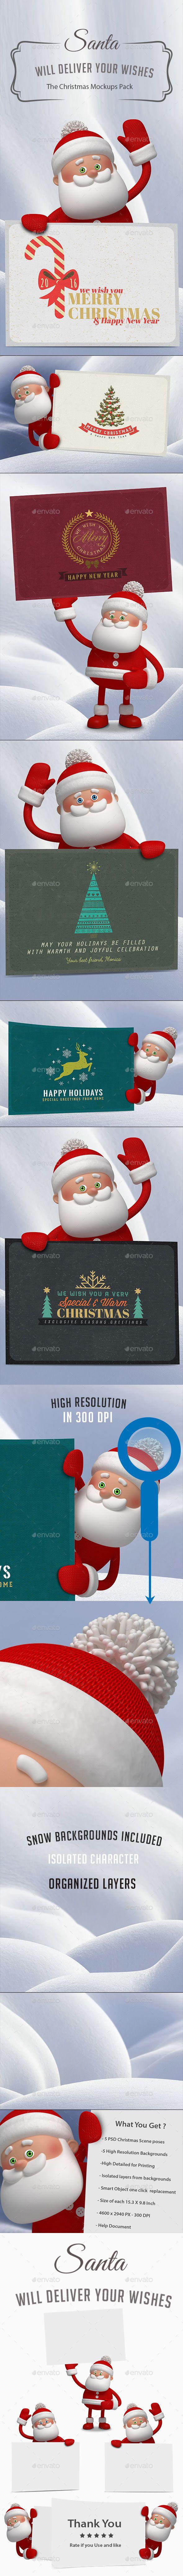 Santa - The Christmas Mockups